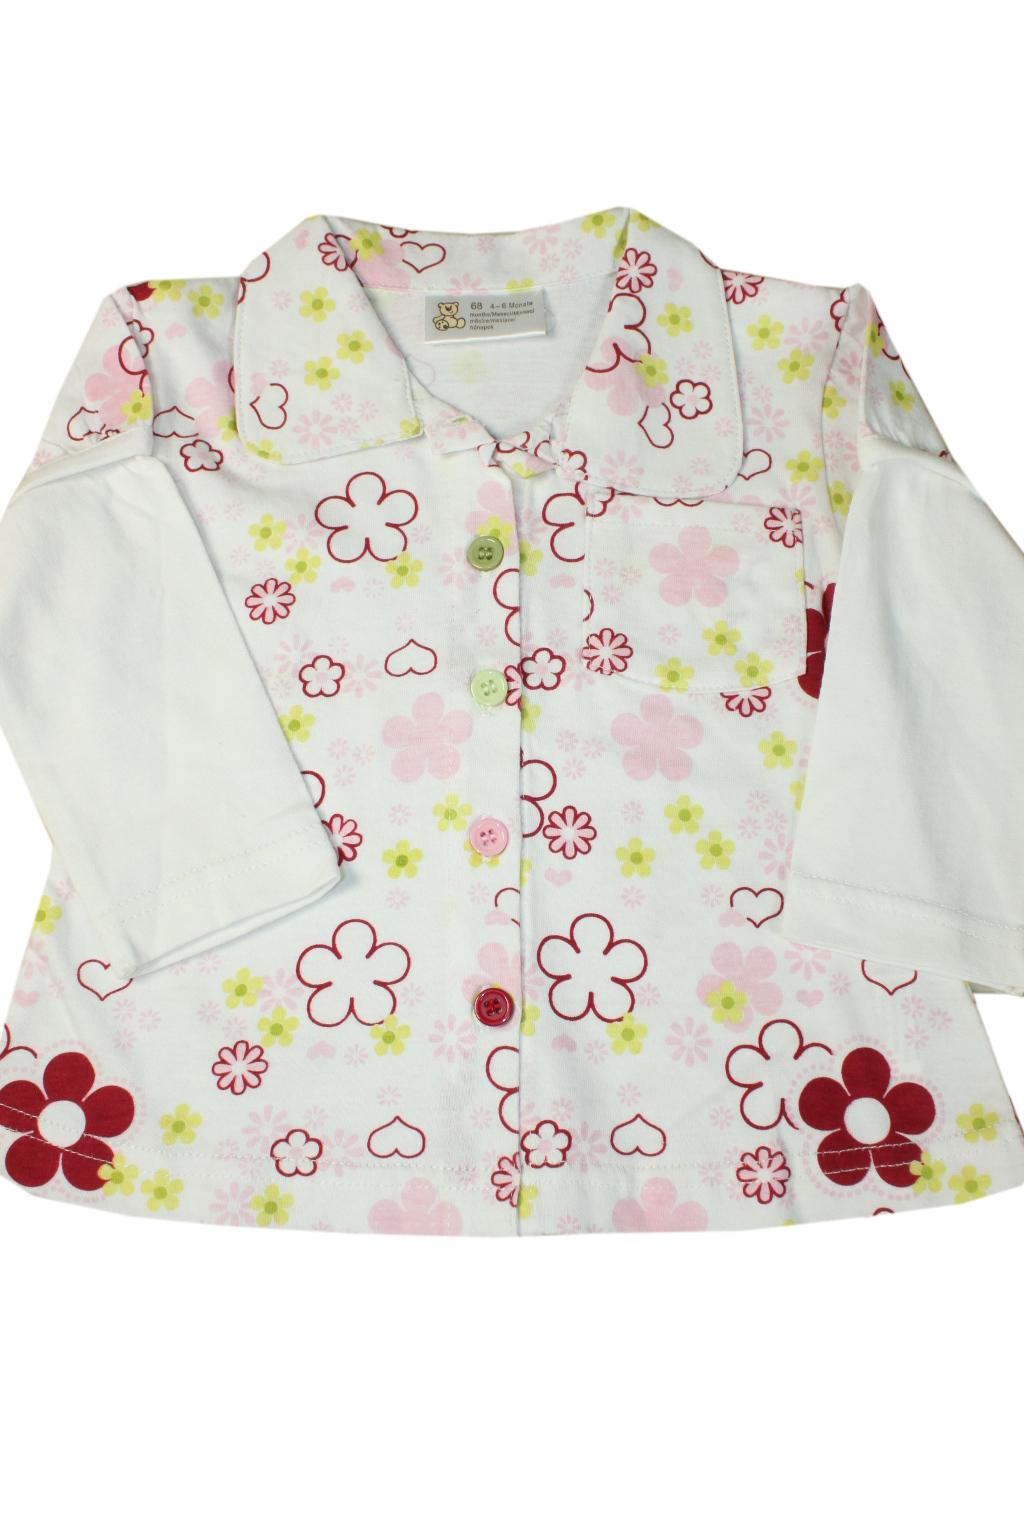 Floe dívčí rozpínací bavlněné triko 1 rok bílá